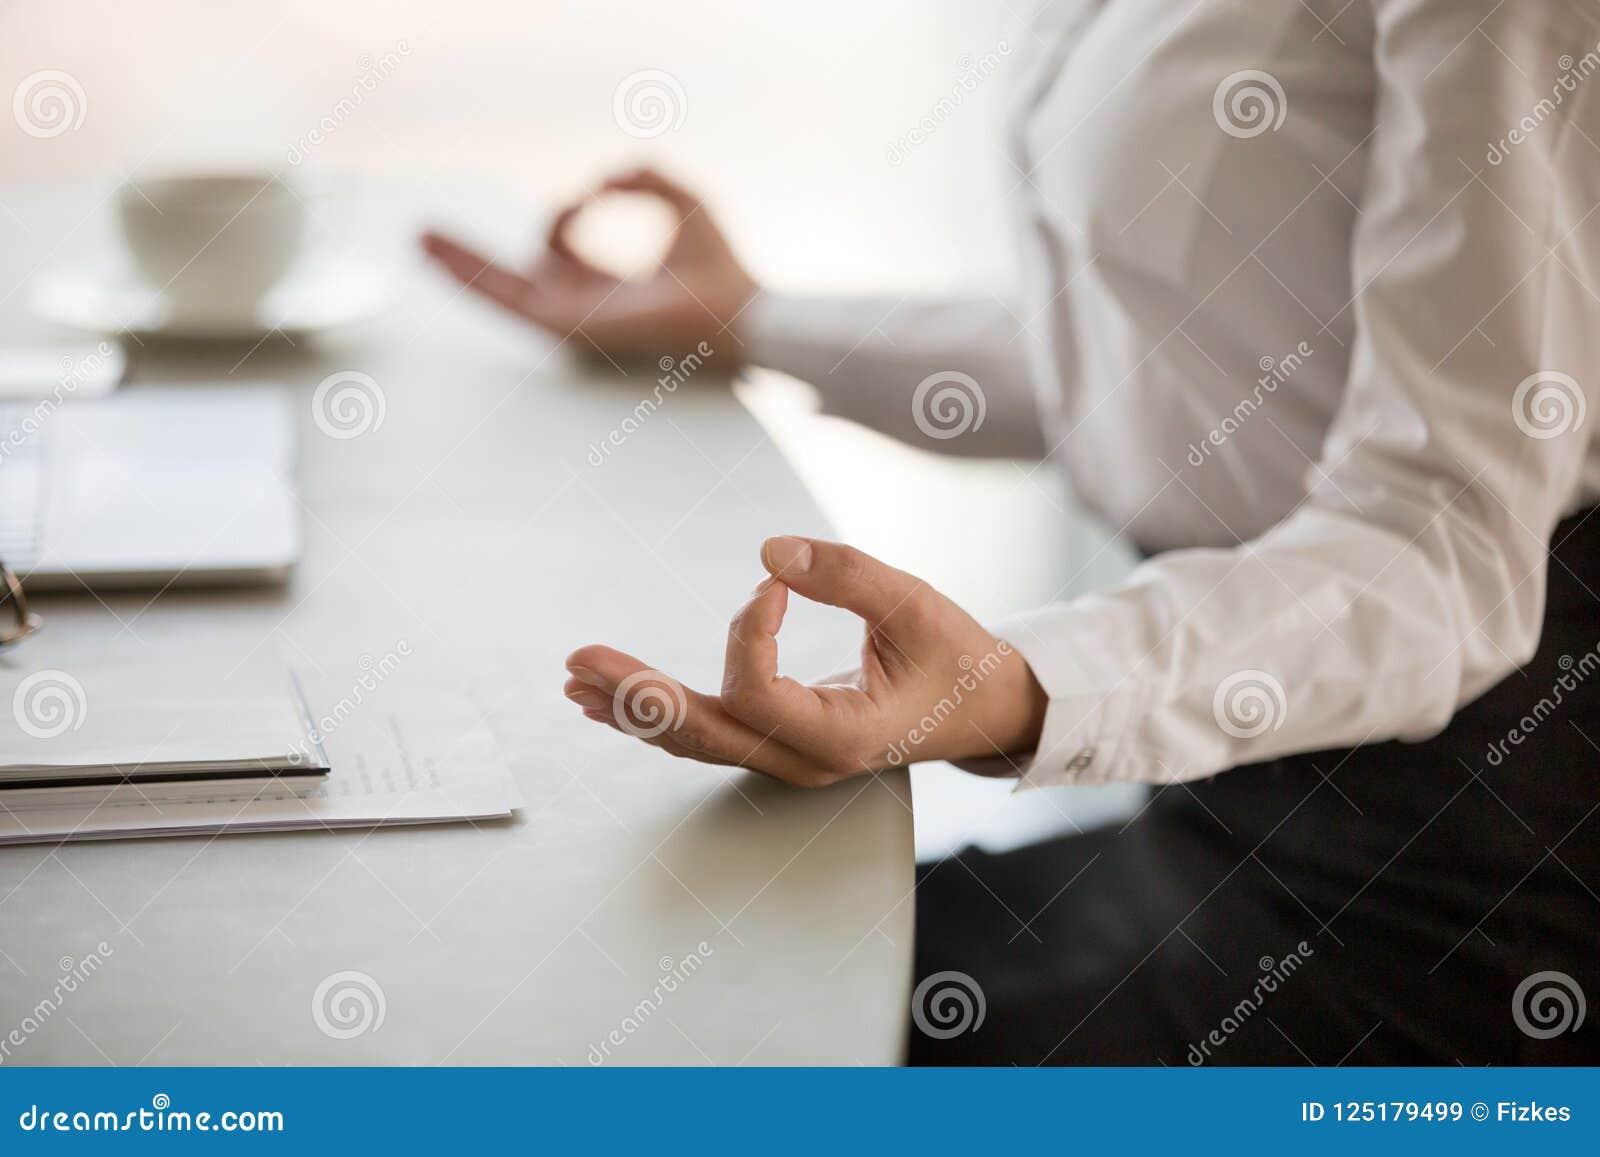 Büromeditation für die Verringerung des Belastungskonzeptes, weibliche Hände